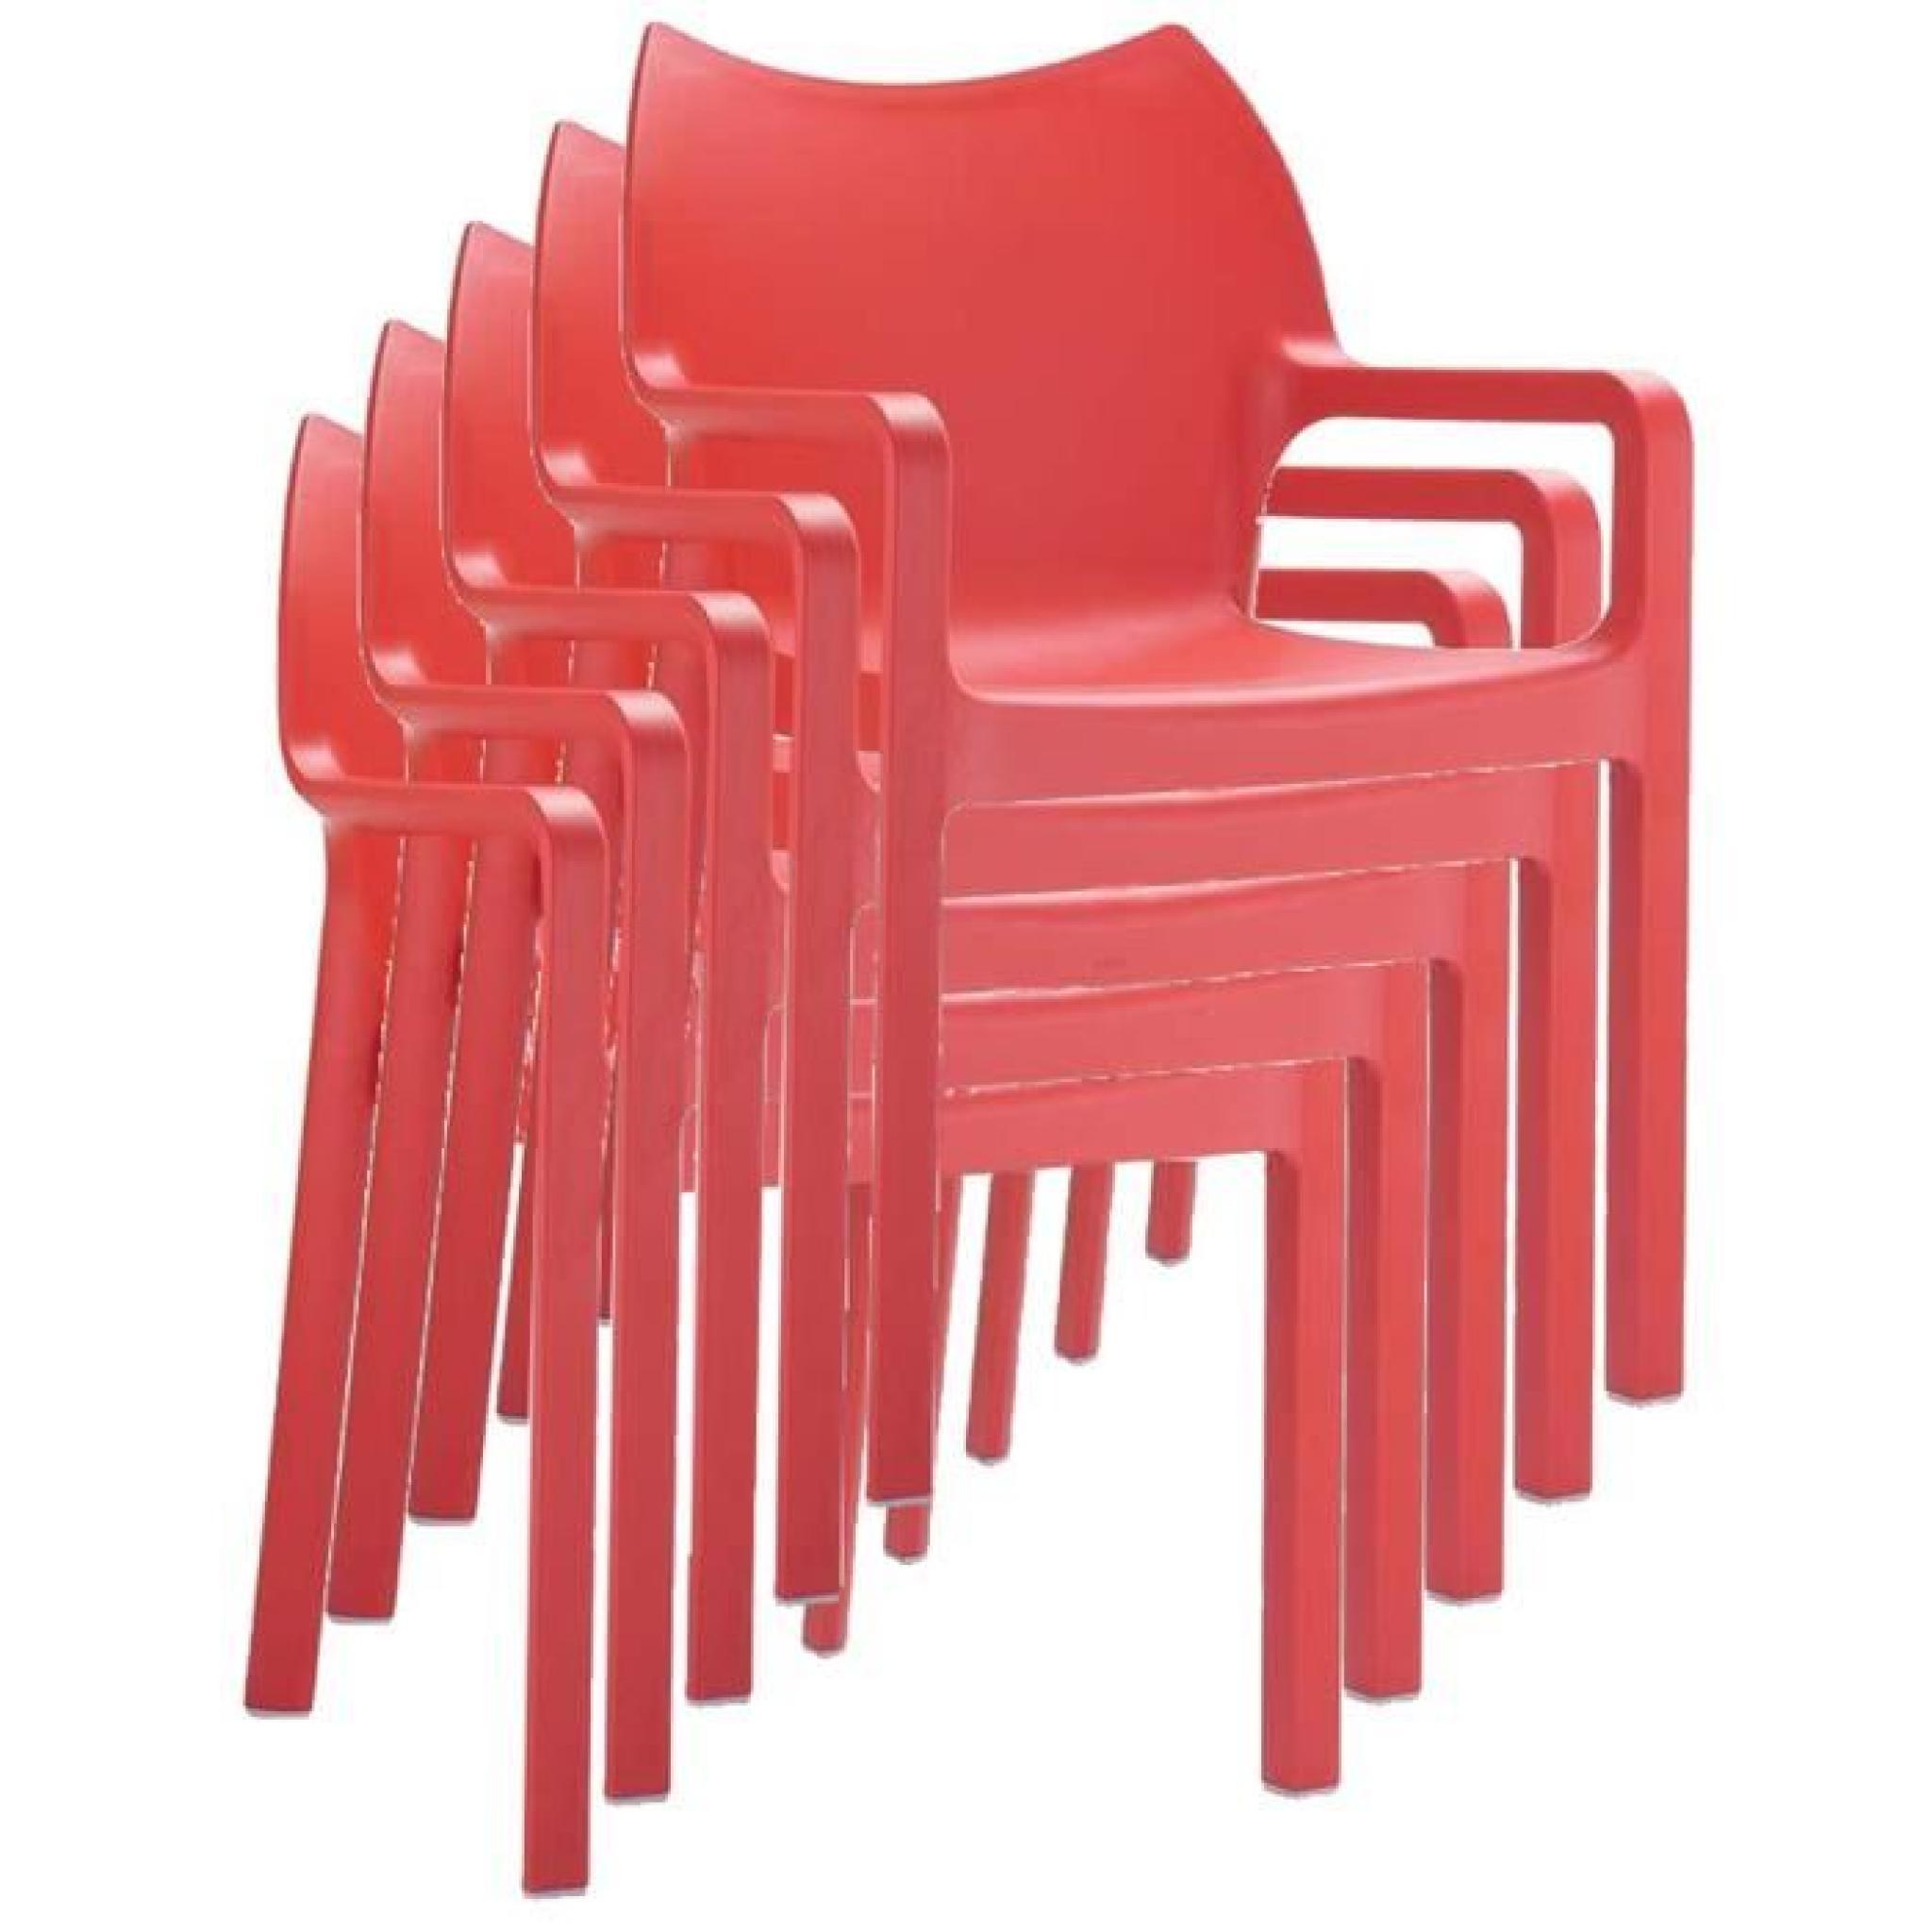 Chaise de jardin empilable en plastique, rouge